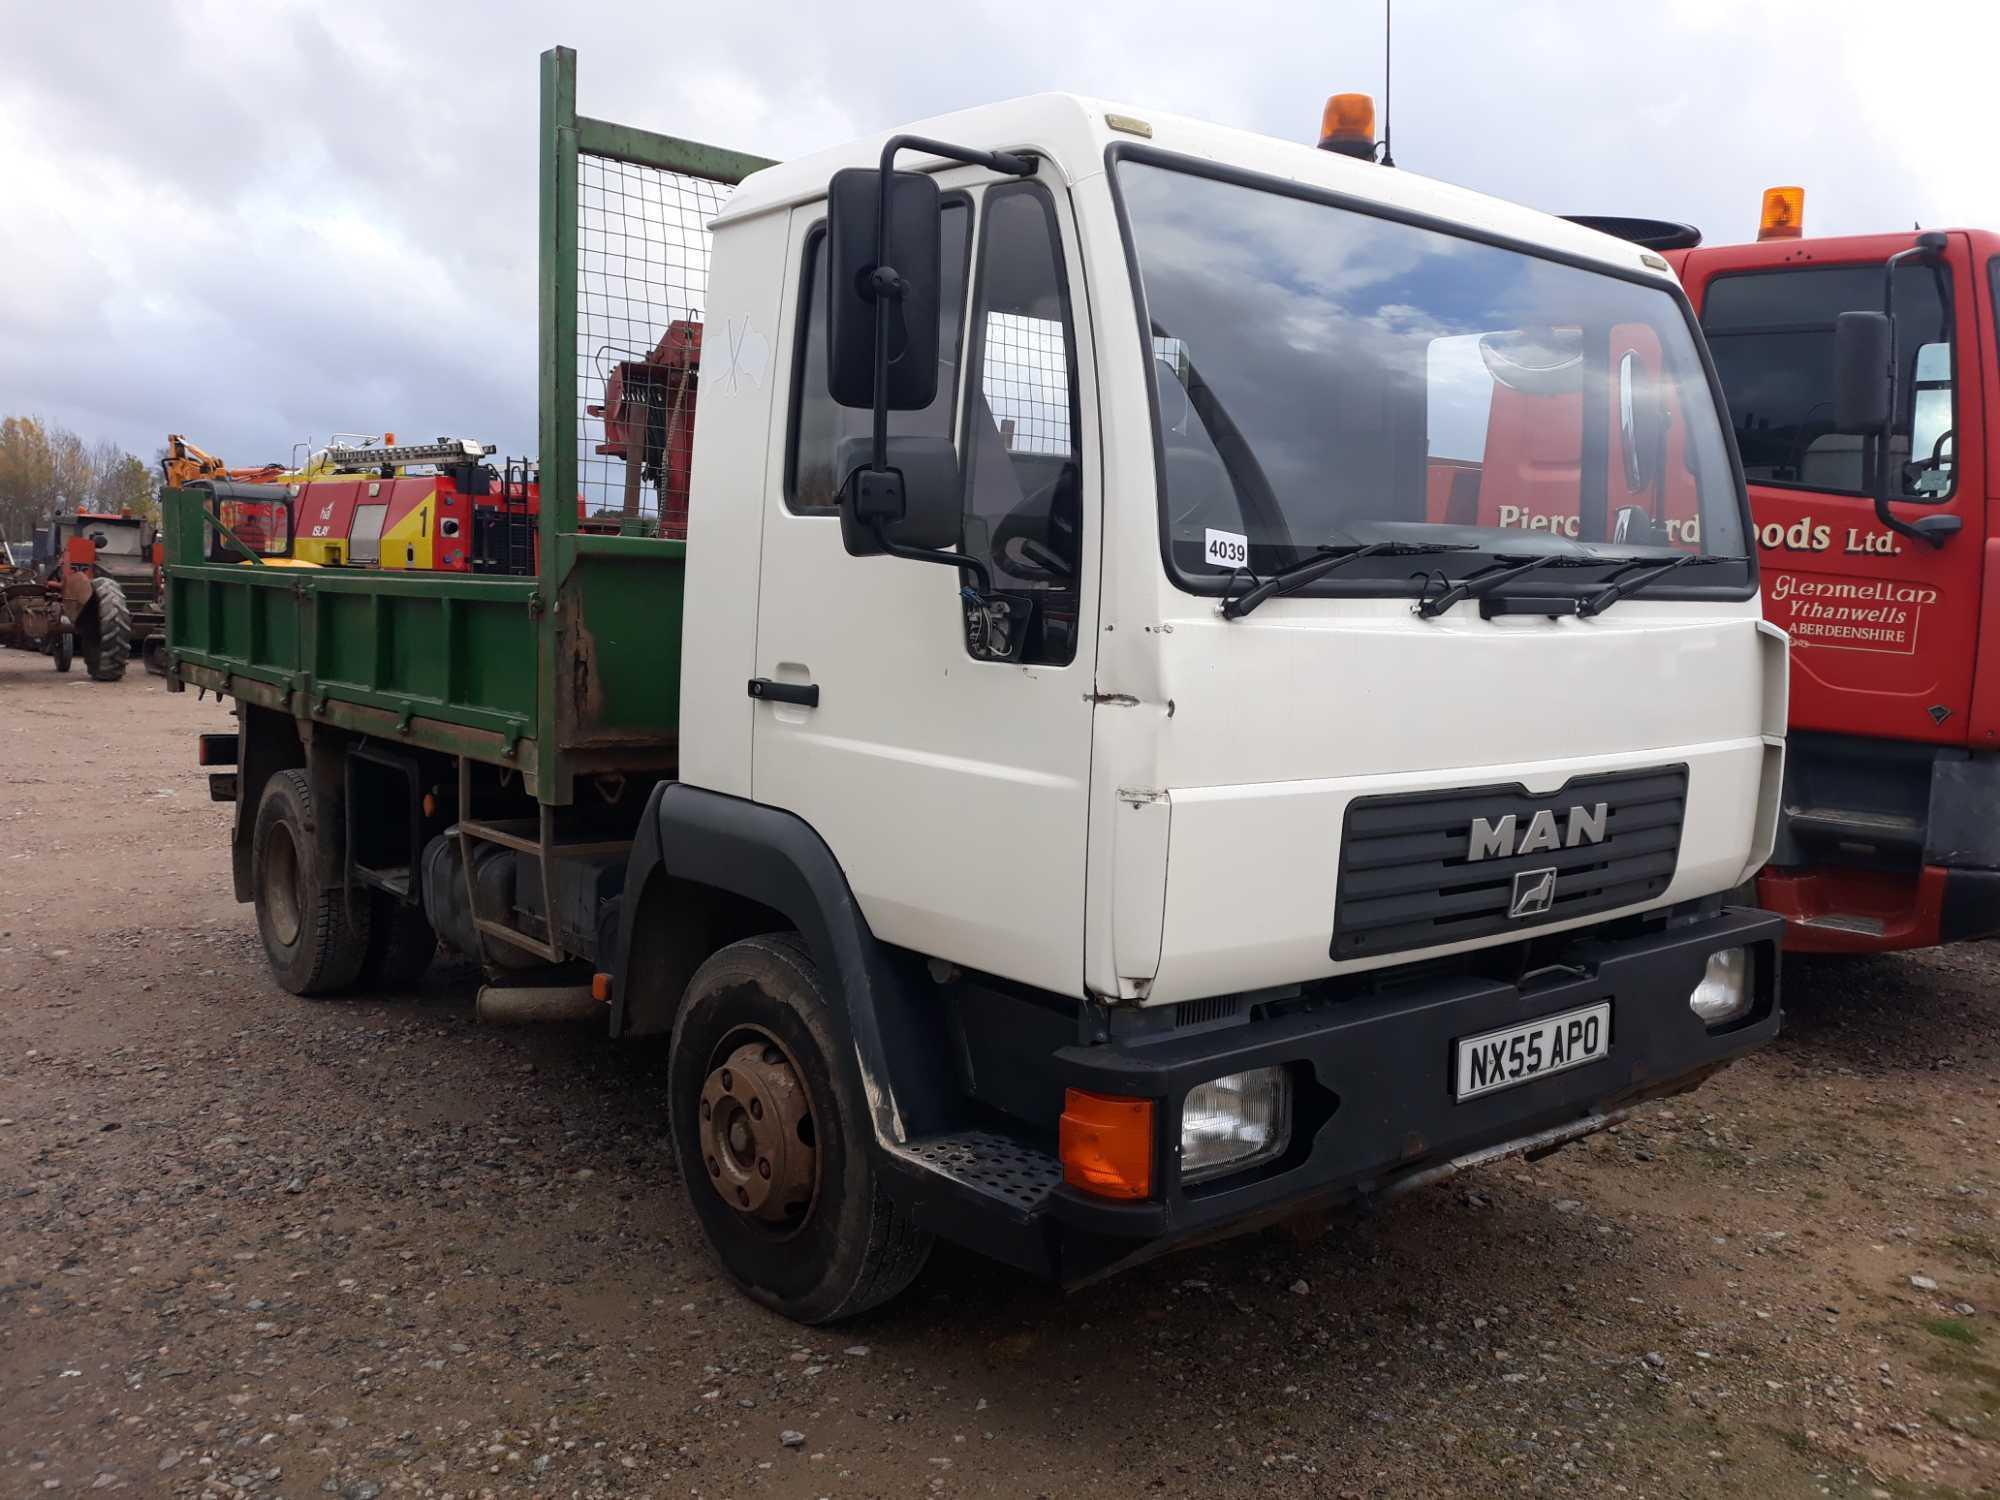 Lot 4039 - Man L 2000 8.155 Lrk Day - 4580cc 2 Door Truck